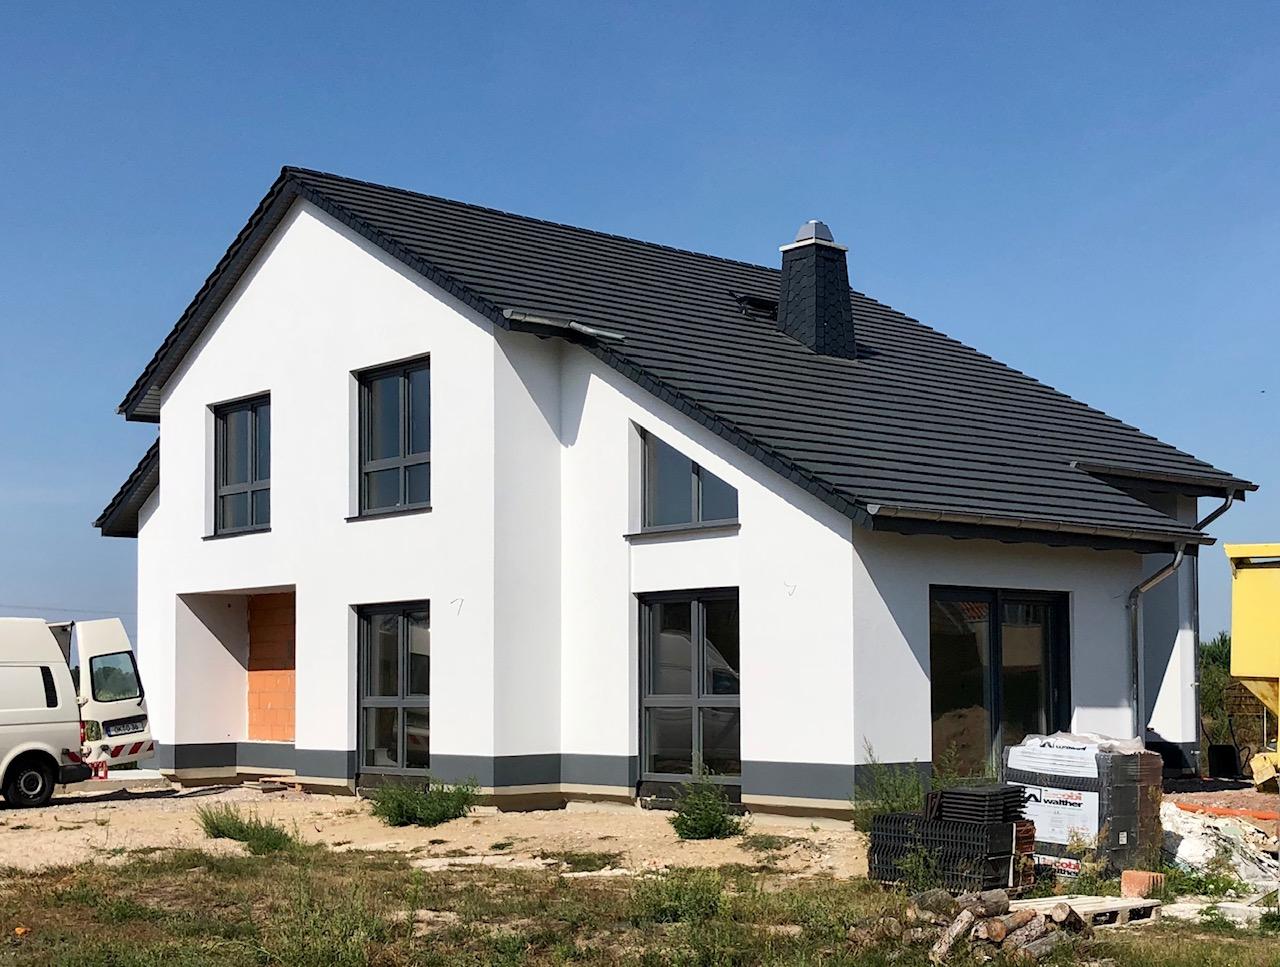 Einfamilienhaus Calvörde - Entwurf Matthias Kraul